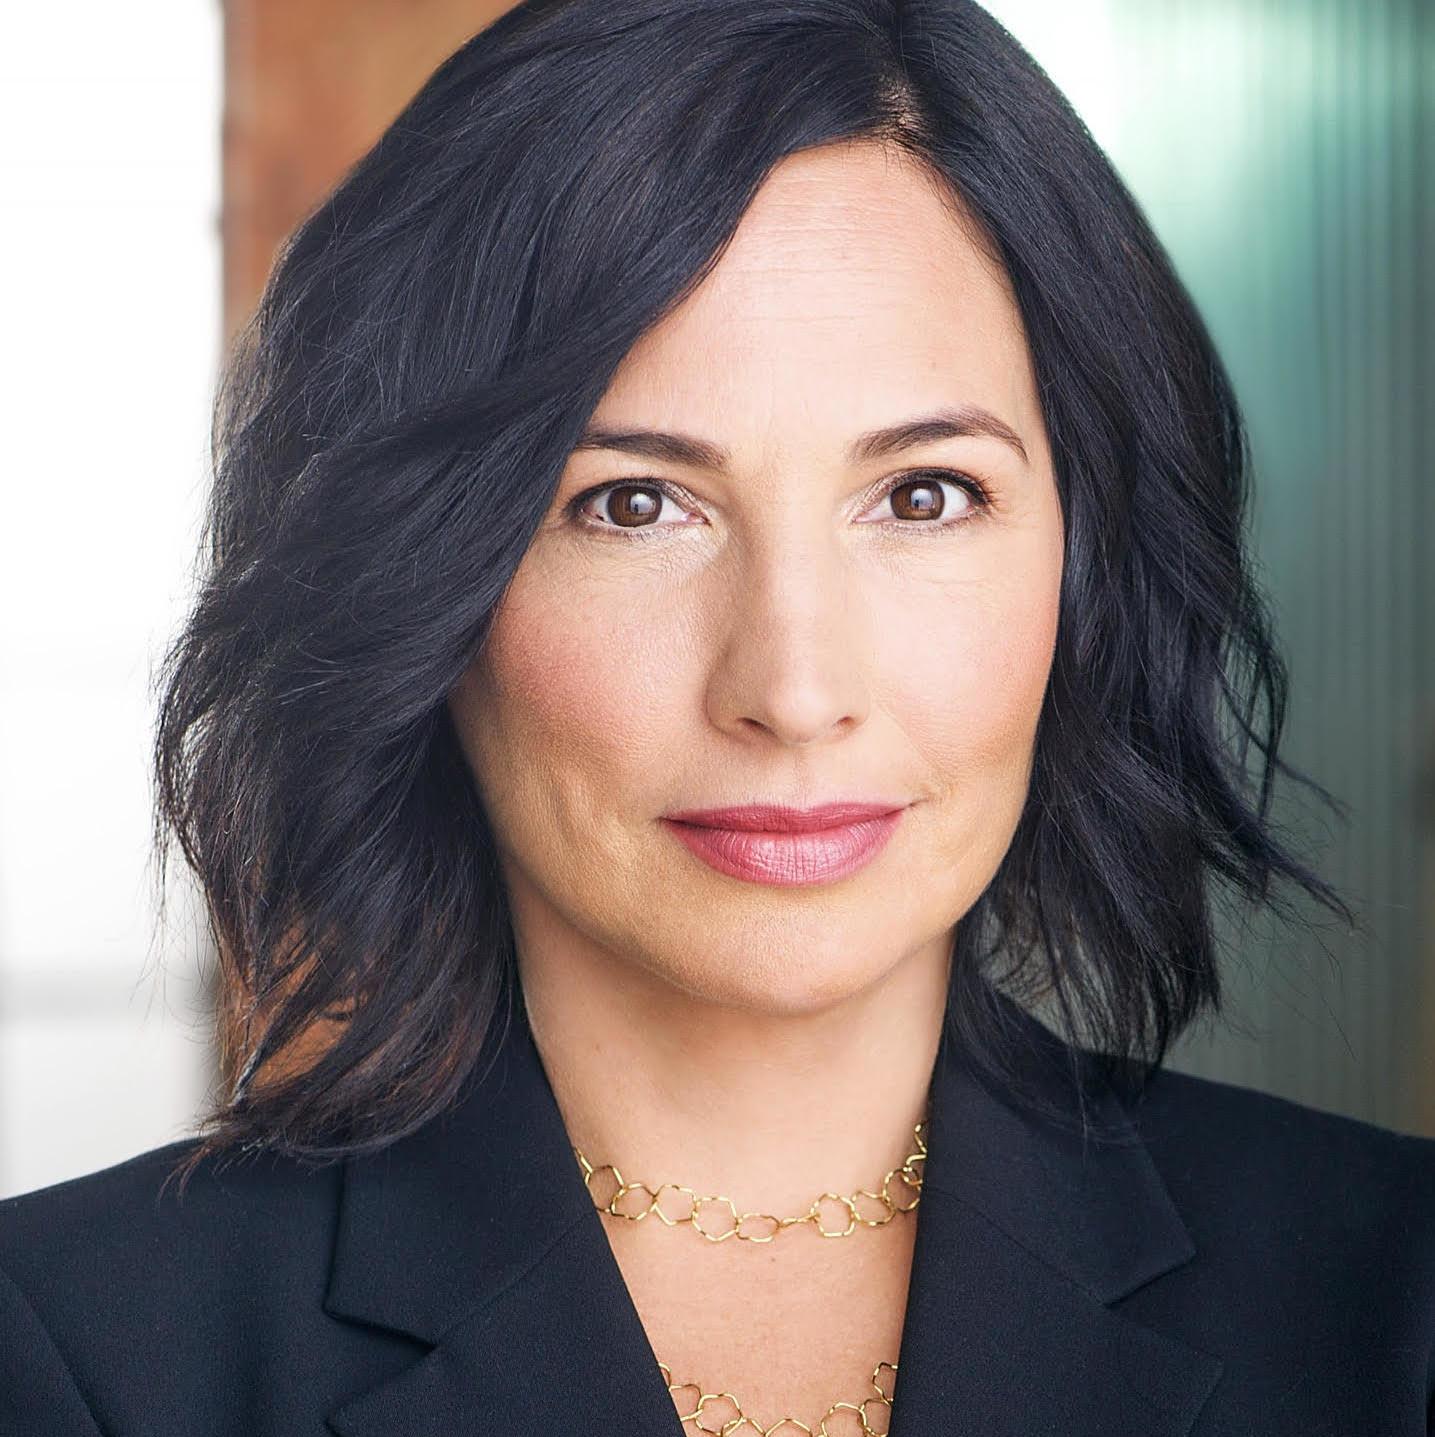 Cristina Frias